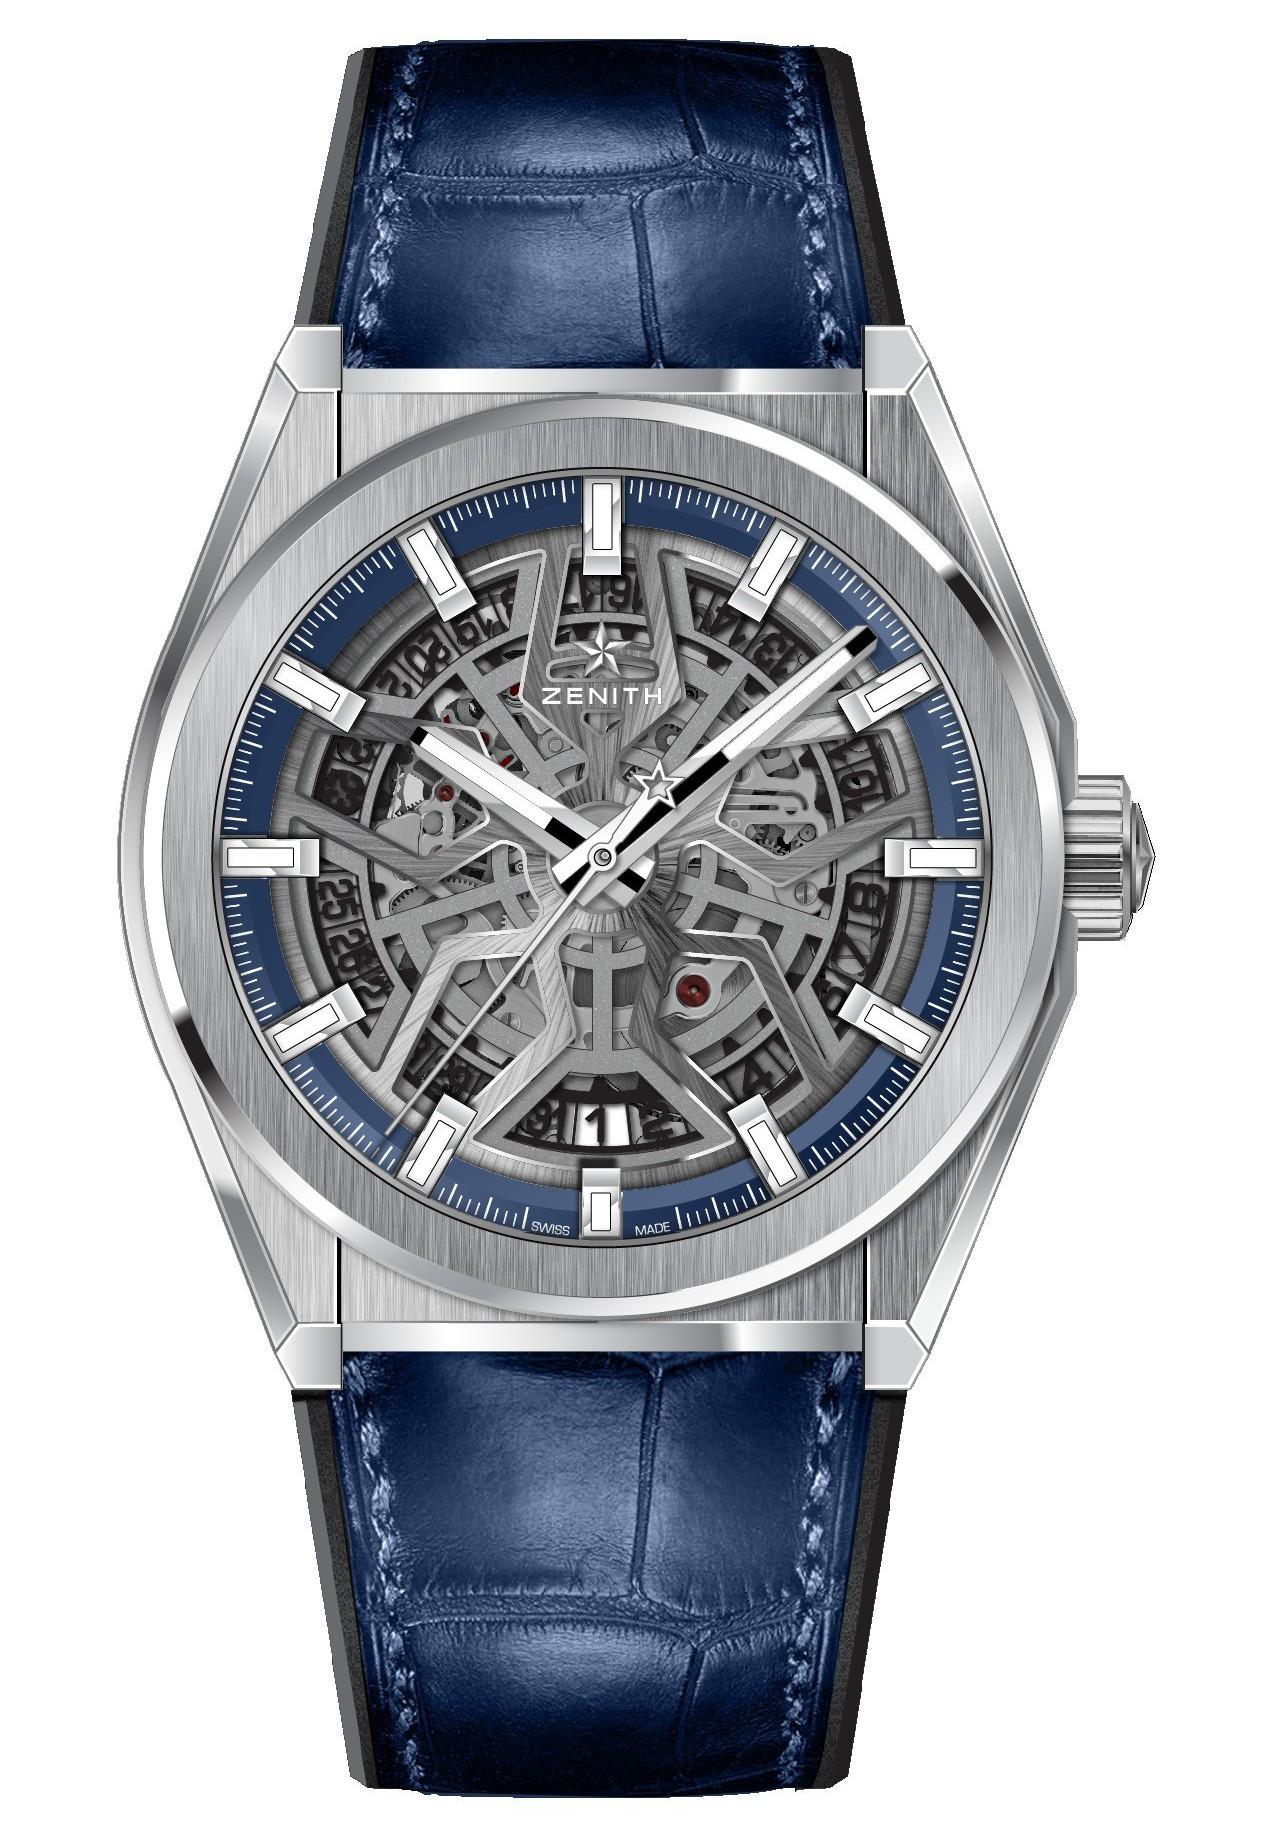 真力時Defy Classic系列腕錶,鏤空面盤及藍鱷魚皮表帶款,約20萬4,0...